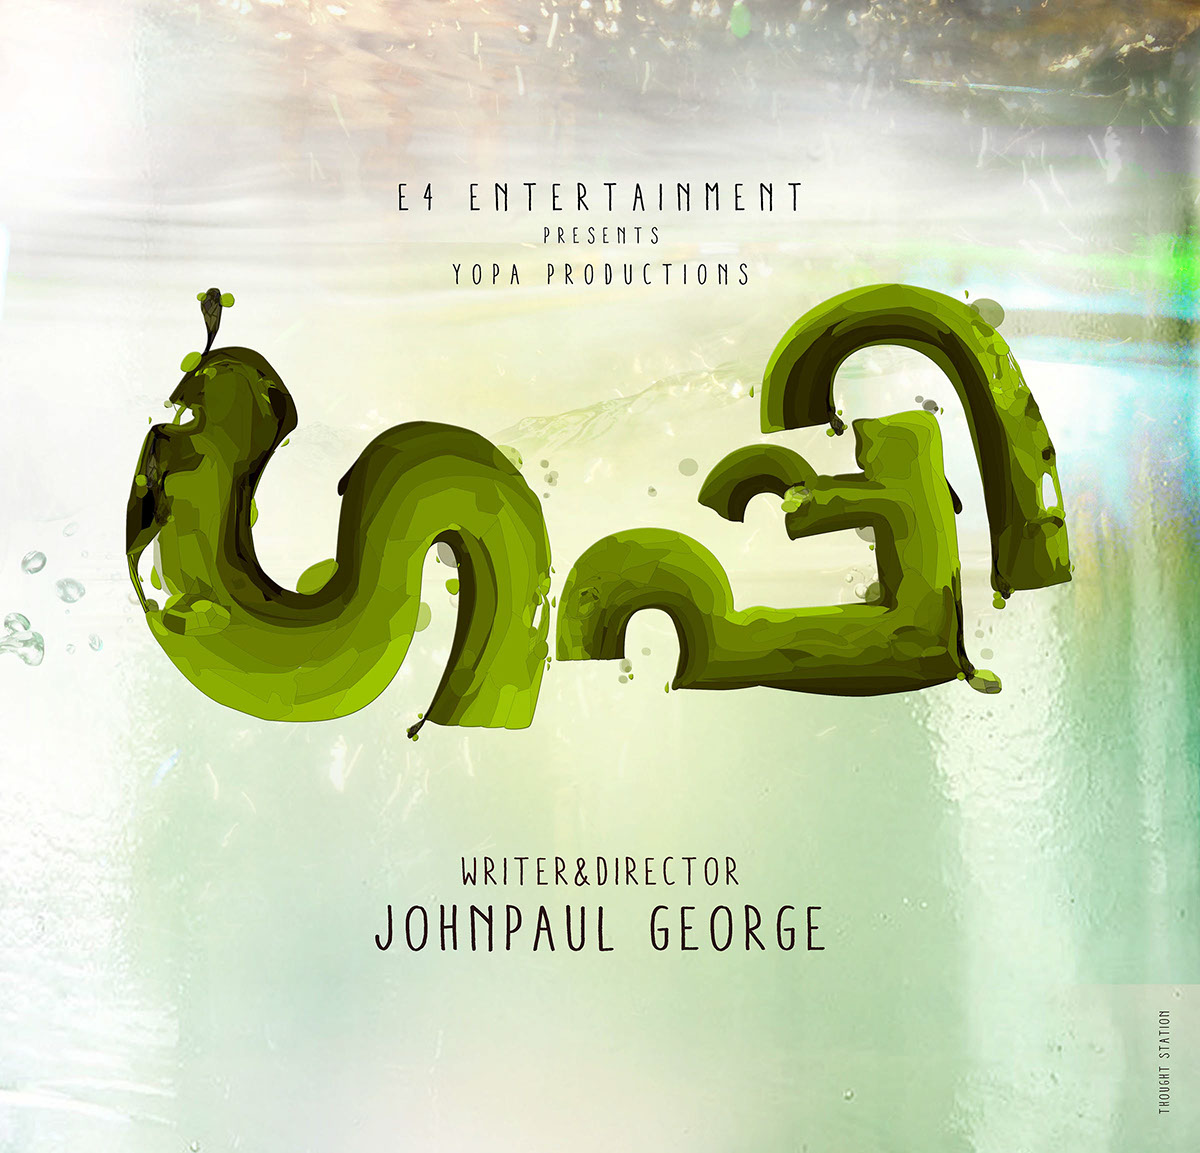 guppy malayalam movie free mp3 download